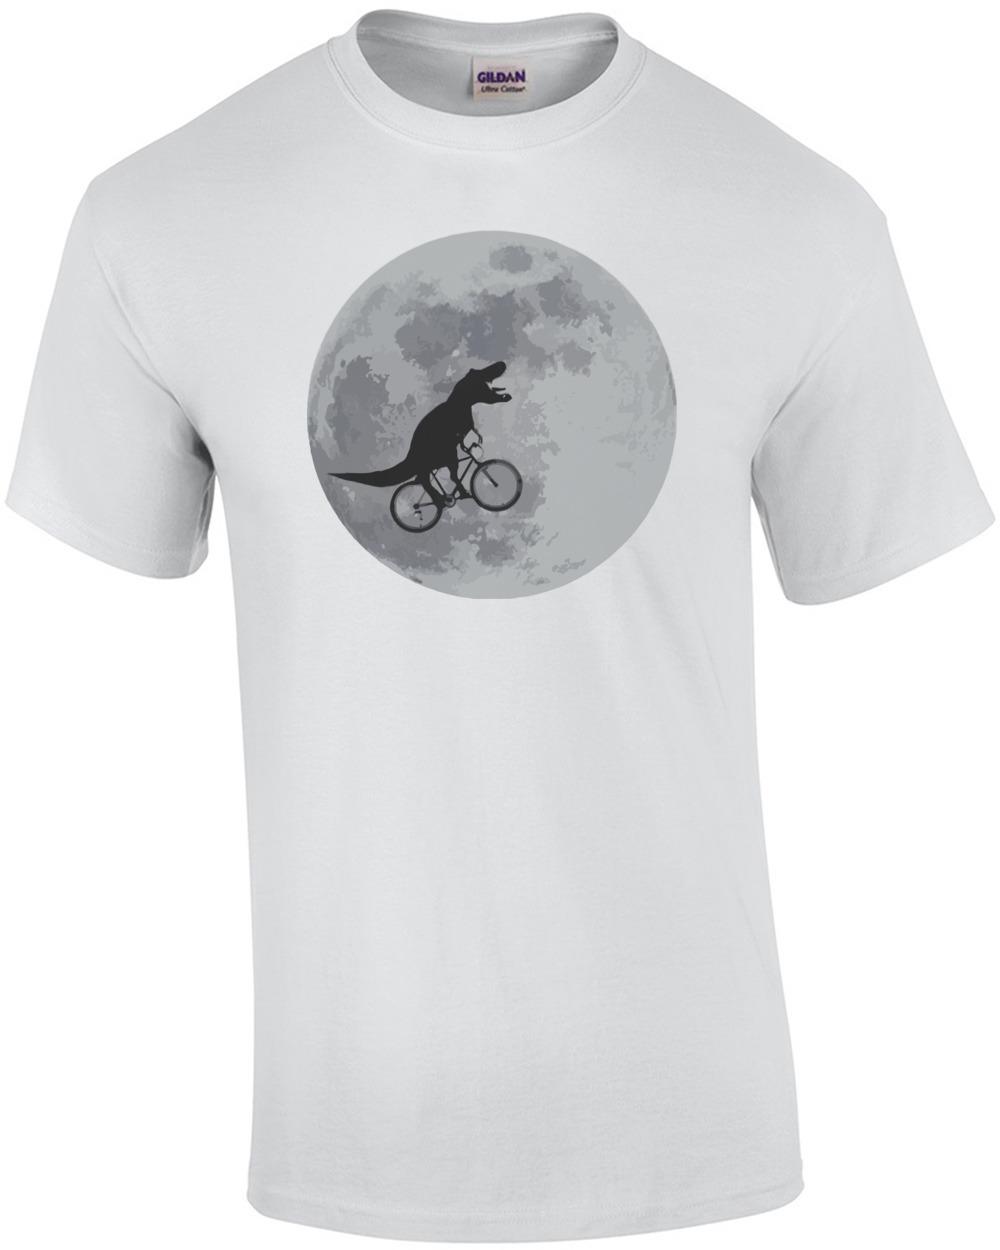 t rex tyrannosaurus rex bicycle moon shirt